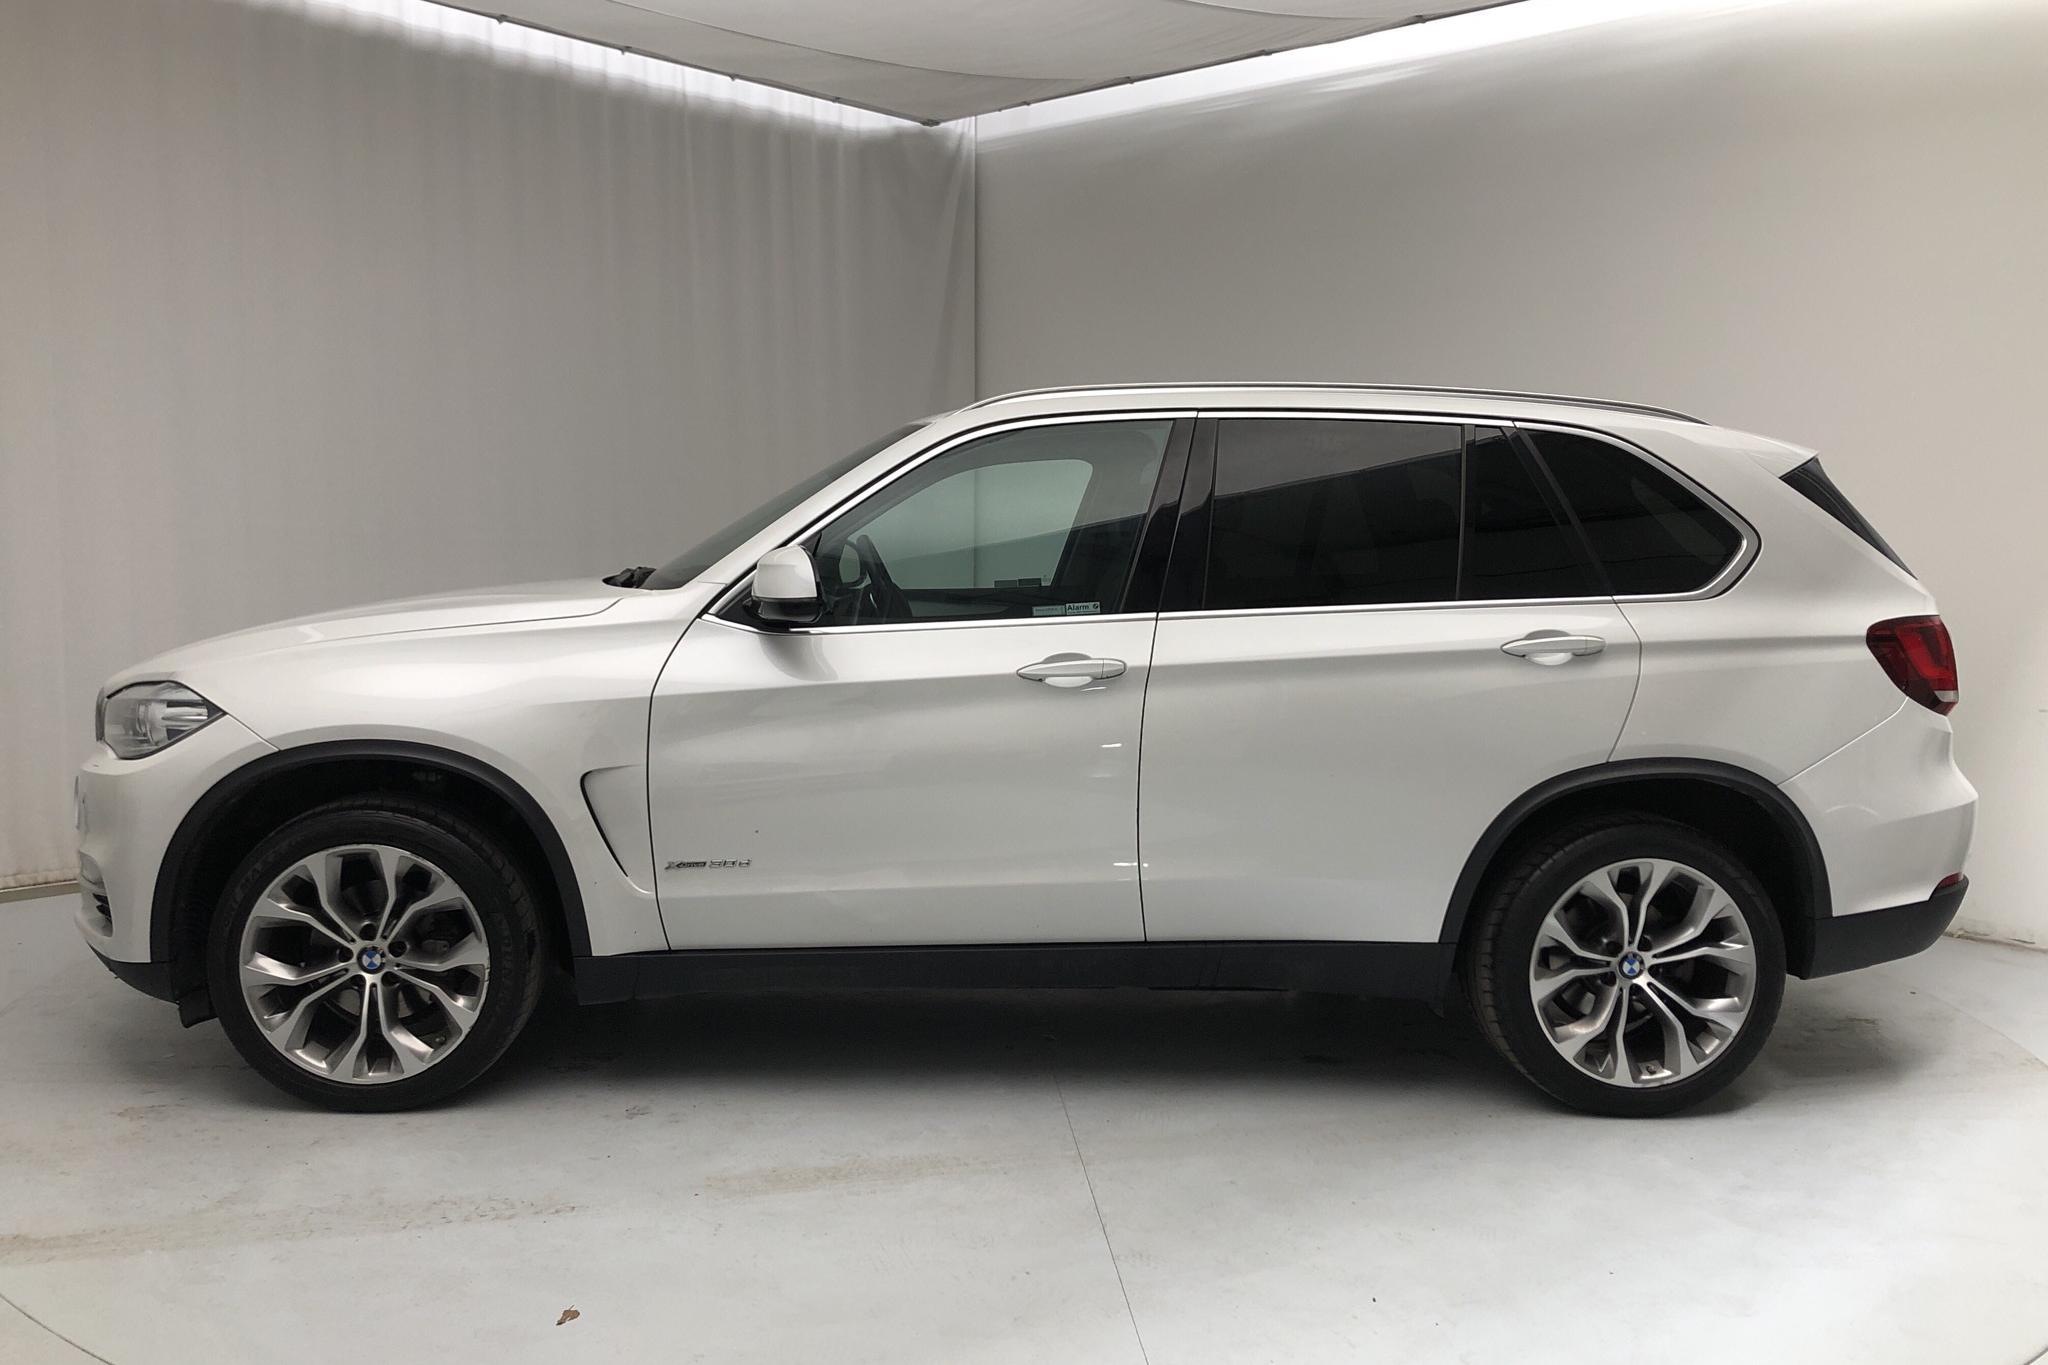 BMW X5 xDrive30d, F15 (258hk) - 75 170 km - Automatic - white - 2015